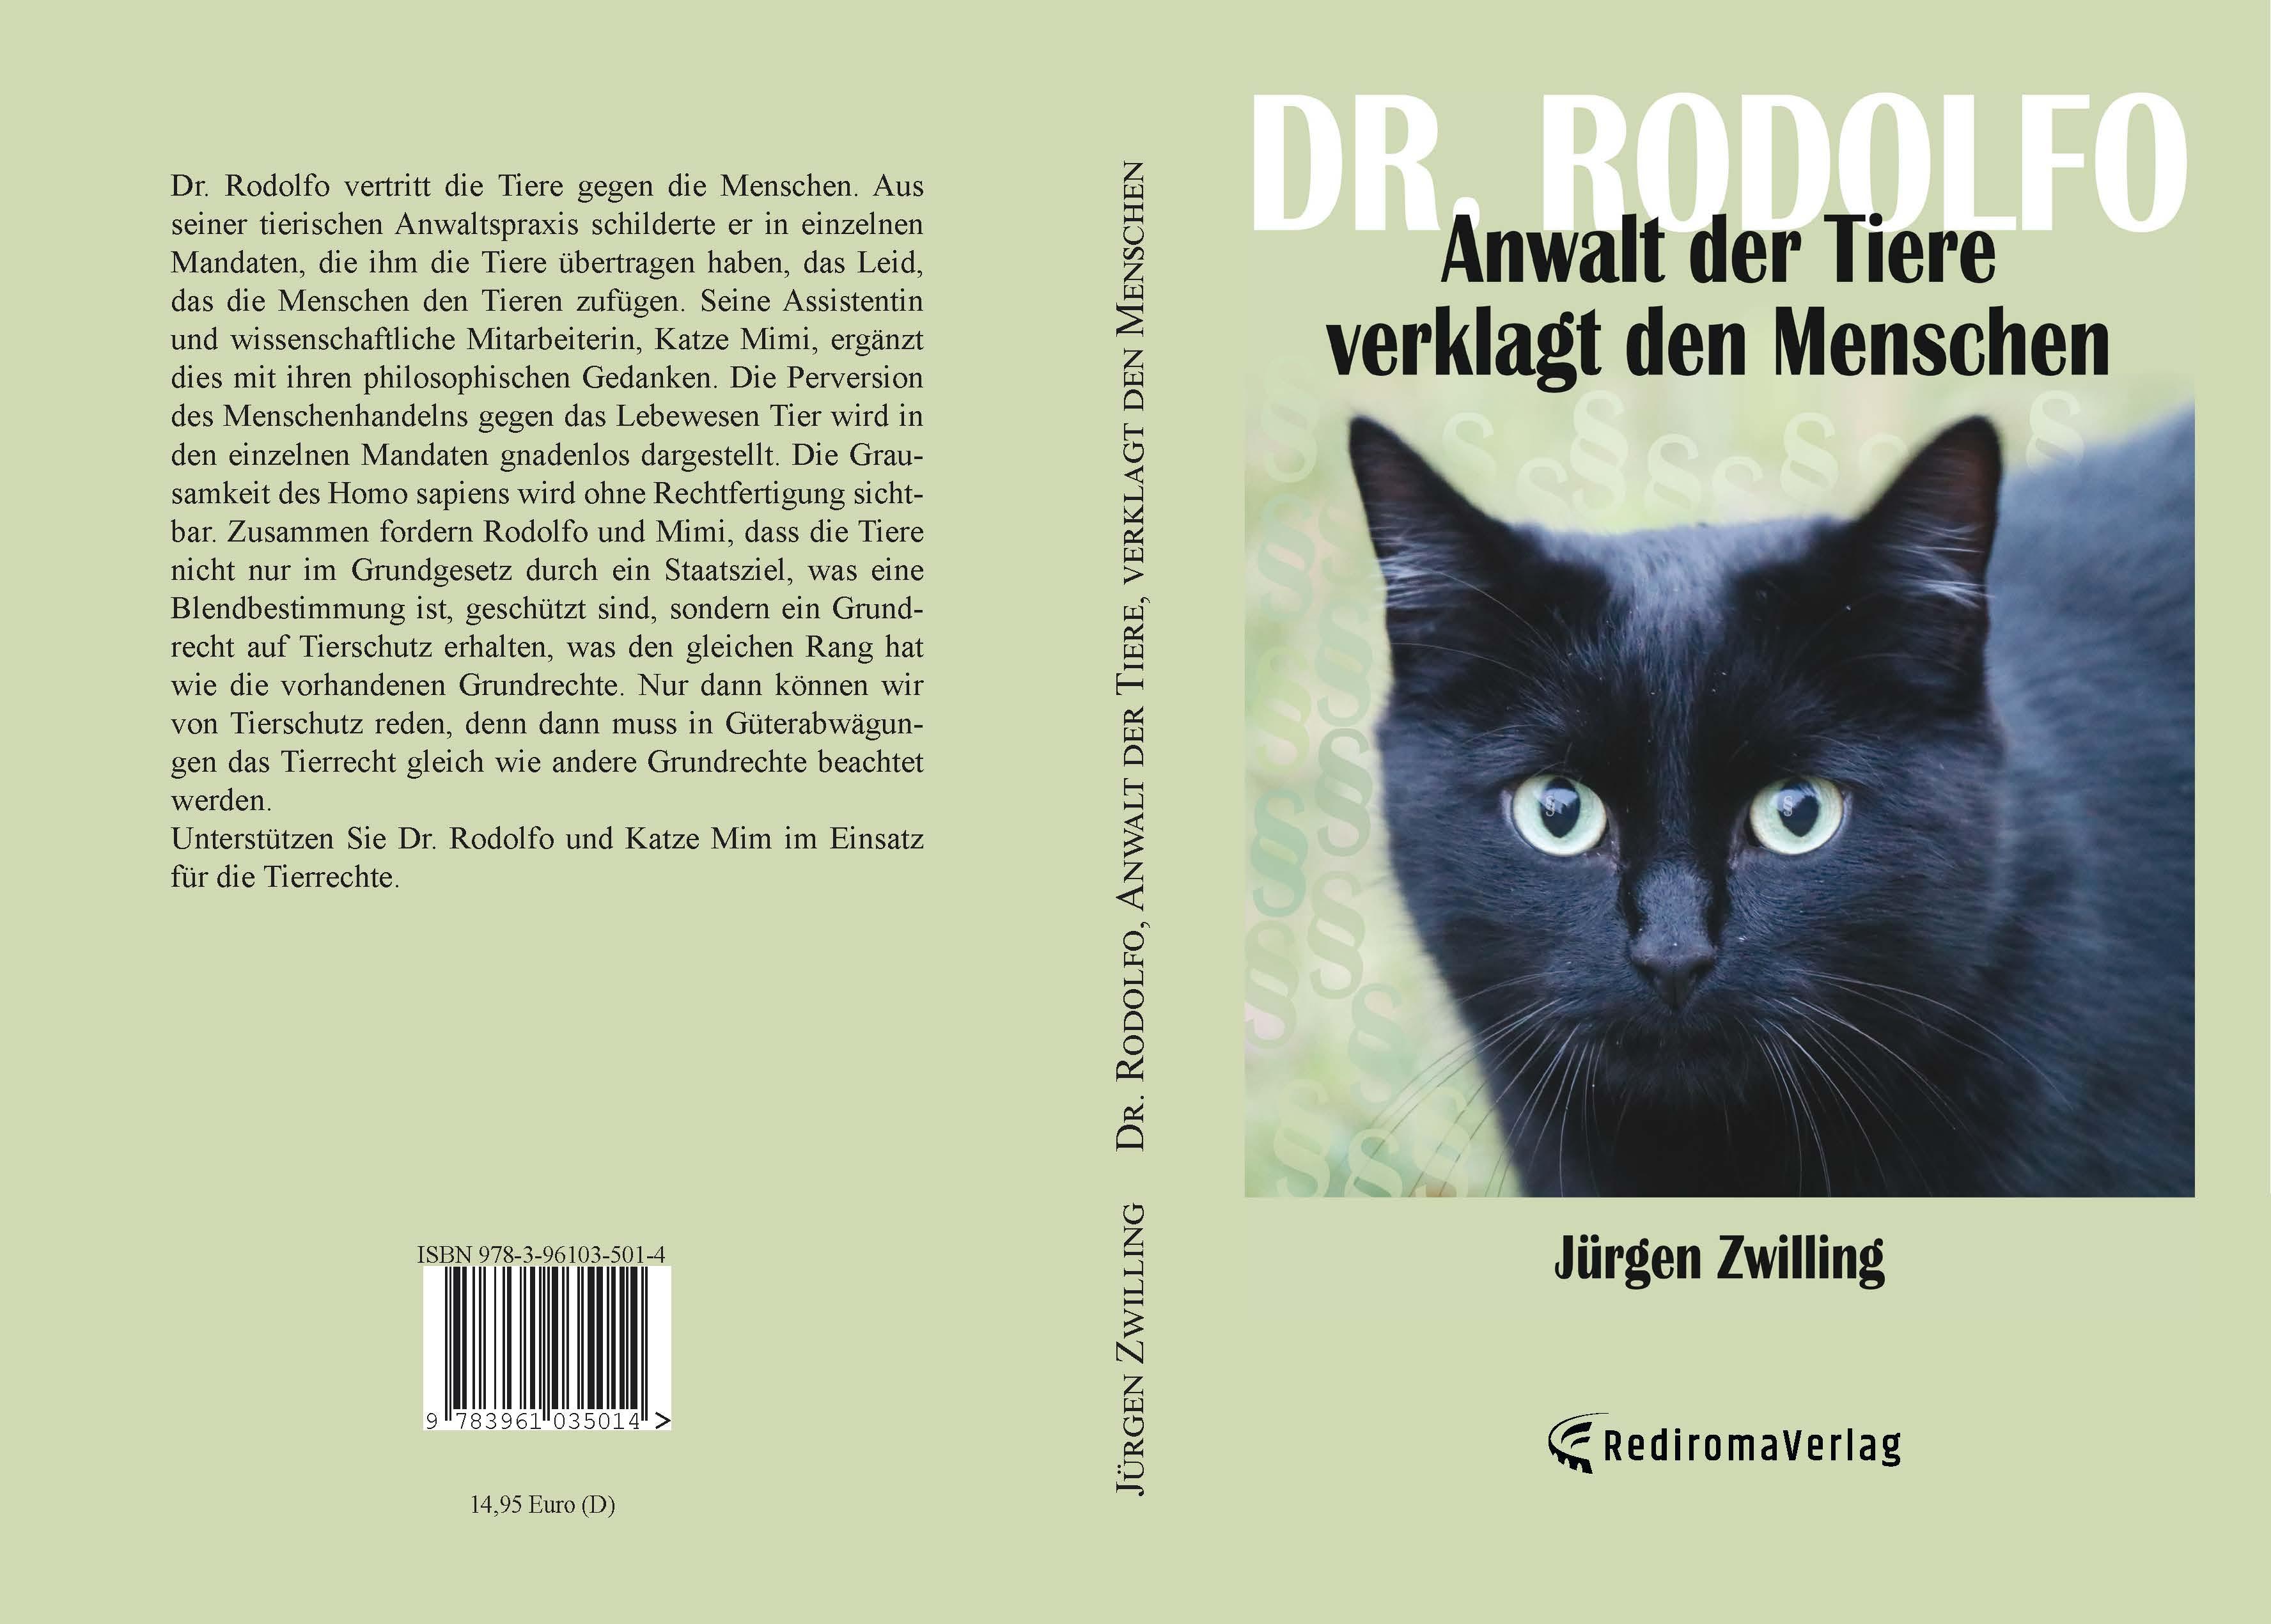 Dr Rodolfo - Anwalt der Tiere verklagt Menschen